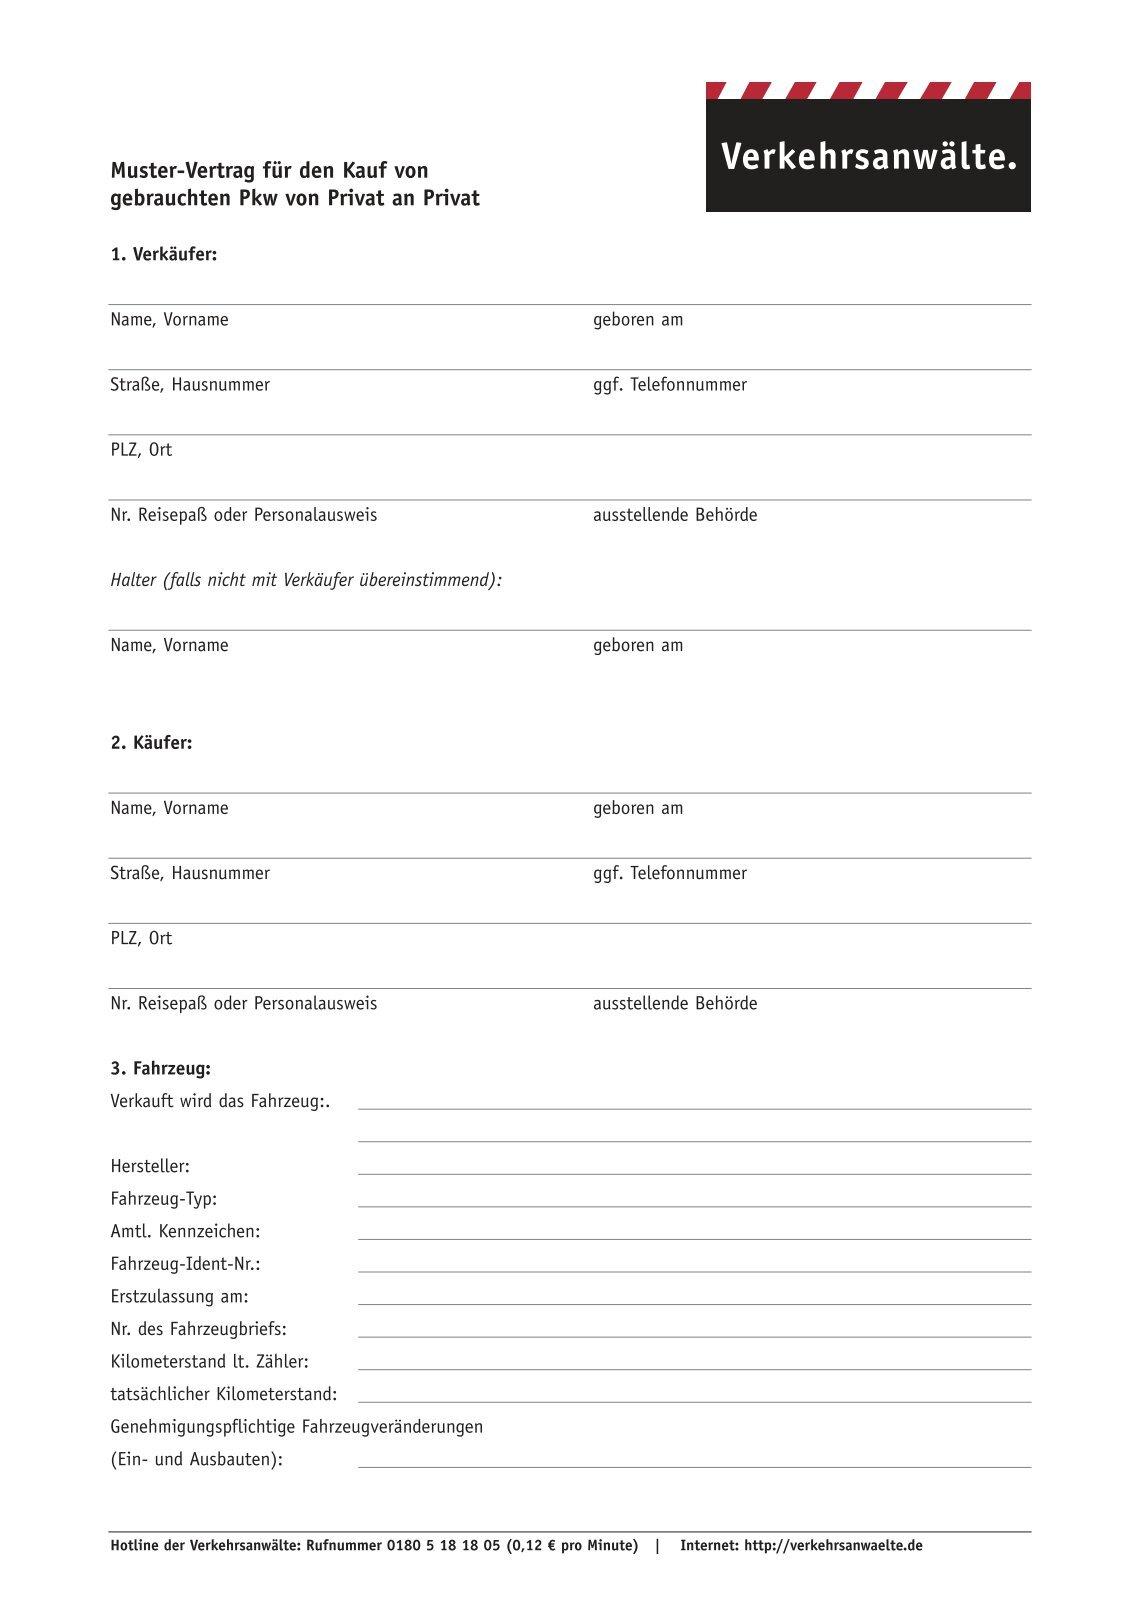 1 free Magazines from STRAFRECHT.VERKEHRSRECHT.HEILBRONN.DE